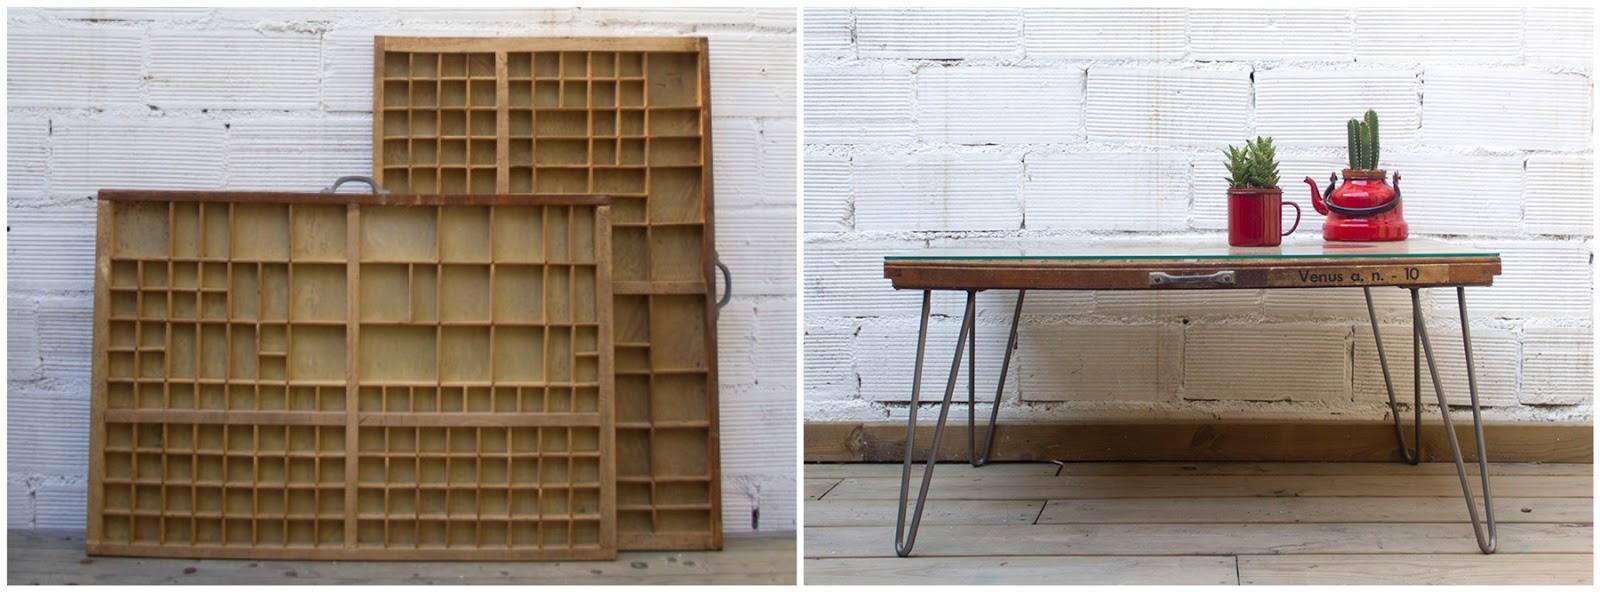 Antes y después - Un cajón de imprenta transformado en una mesita